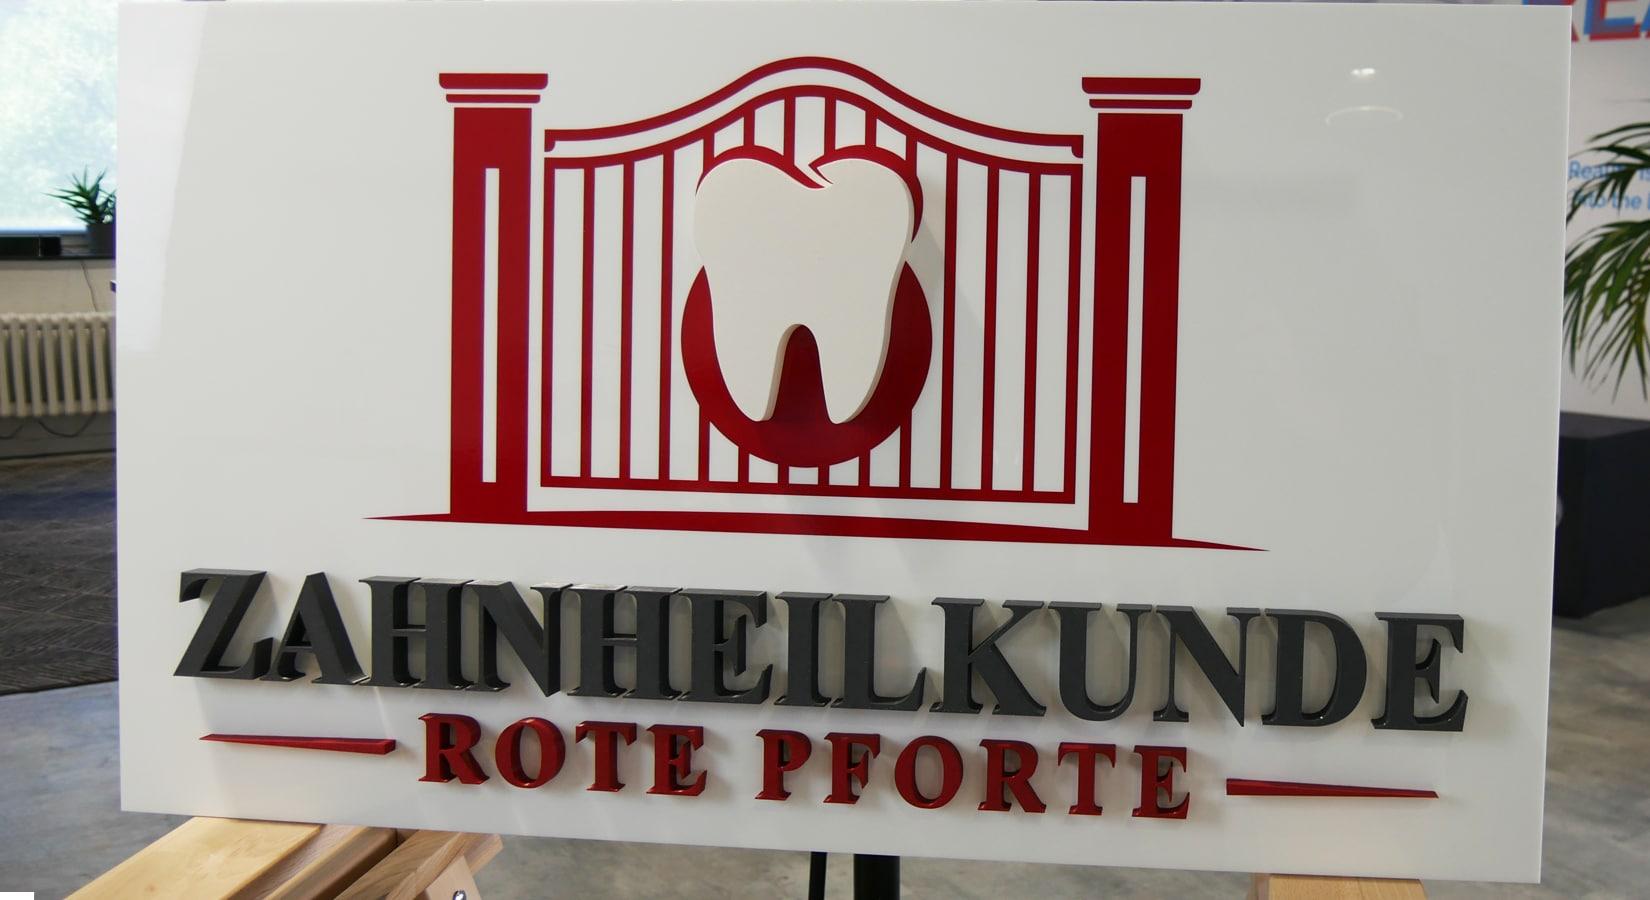 Kundenprojekte - Zahnheilkunde (Frontal)